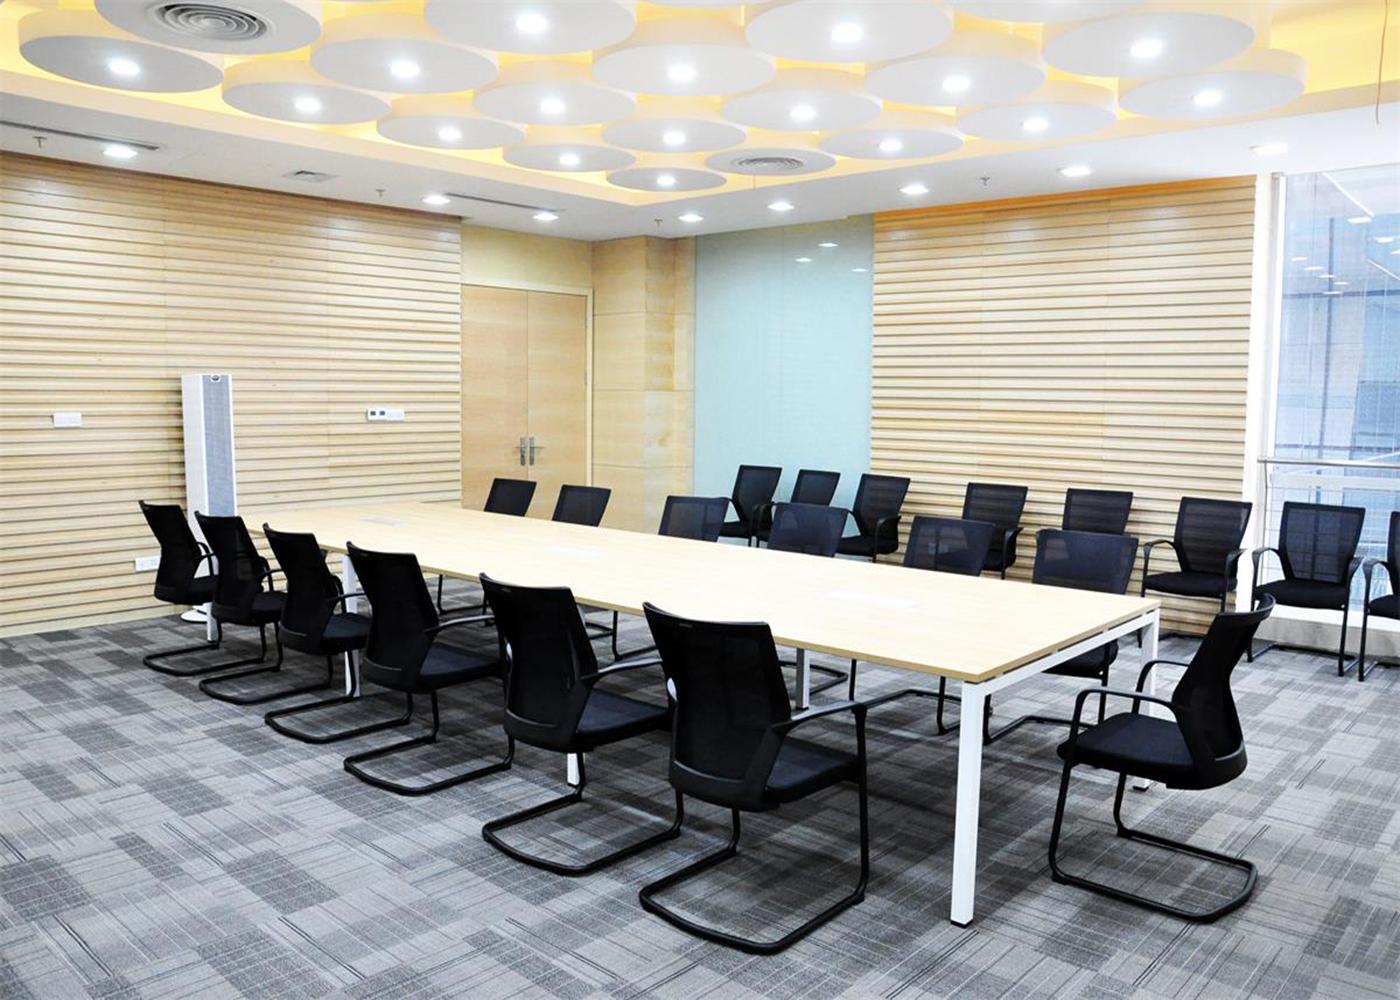 雷蒂斯会议桌A28,上海会议桌,【尺寸 价格 图片 品牌】